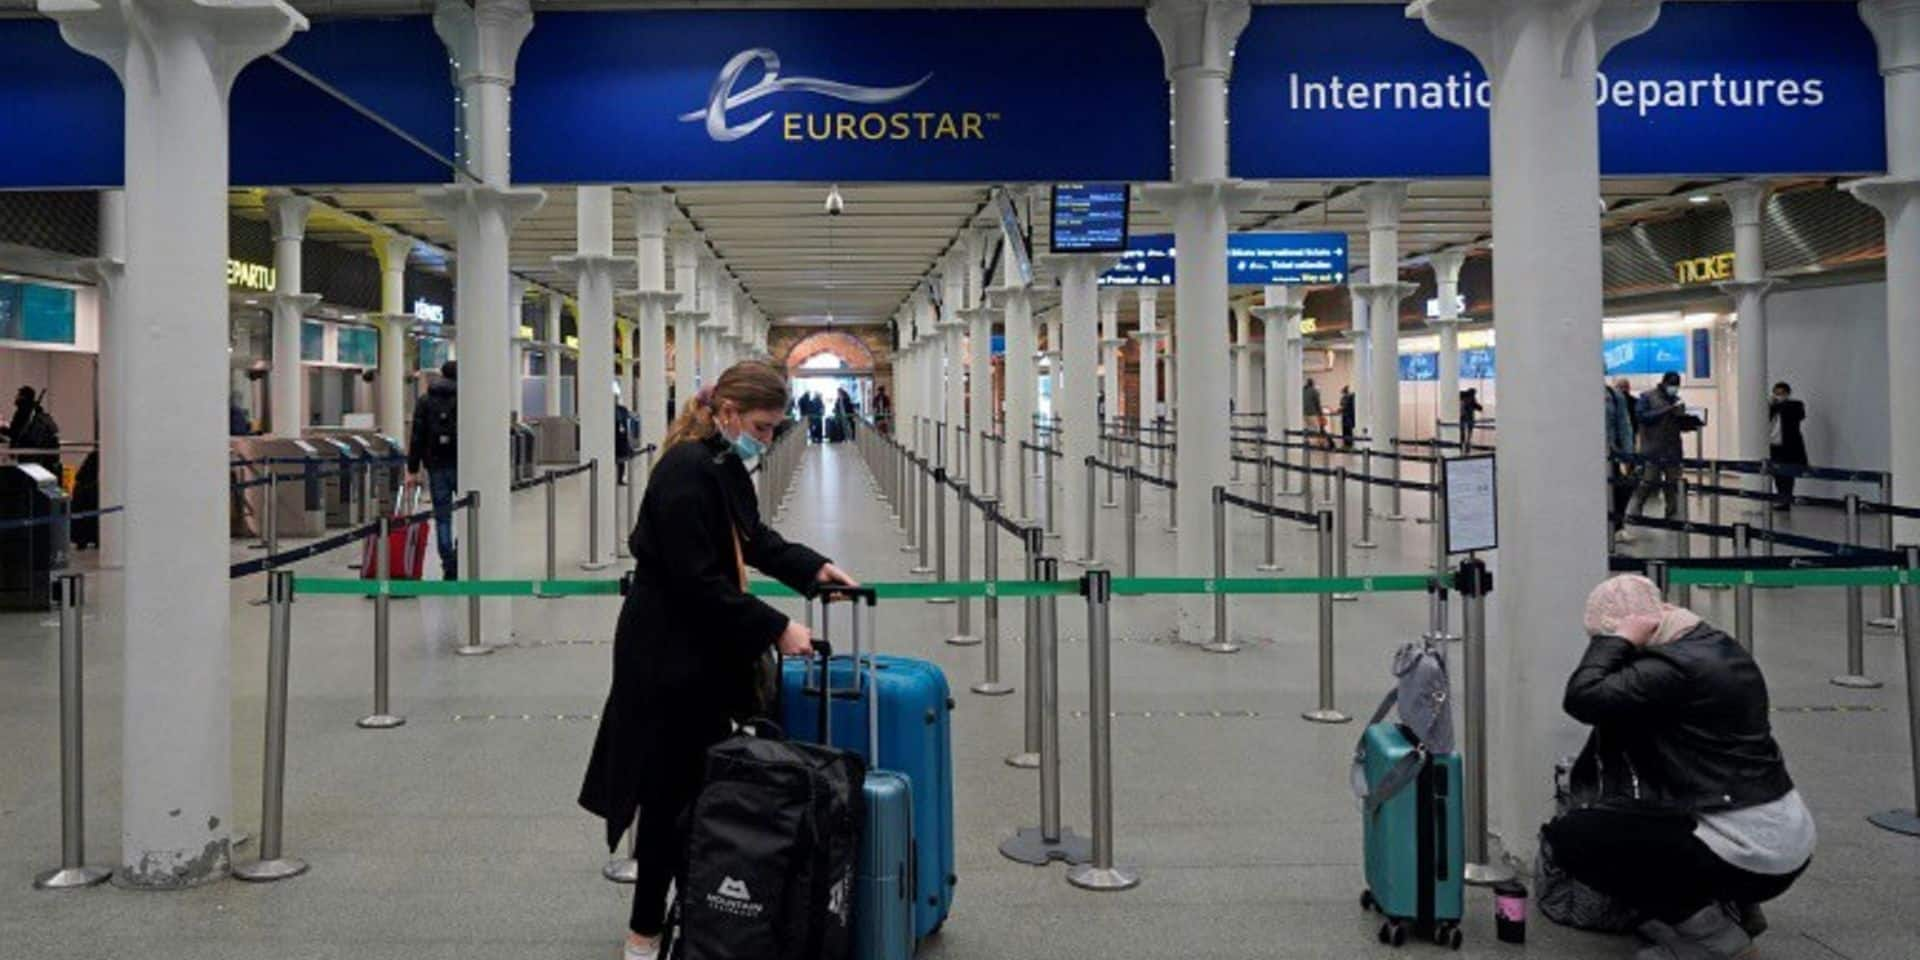 Nouvelle souche du coronavirus: près de 50 pays suspendent les arrivées depuis le Royaume-Uni